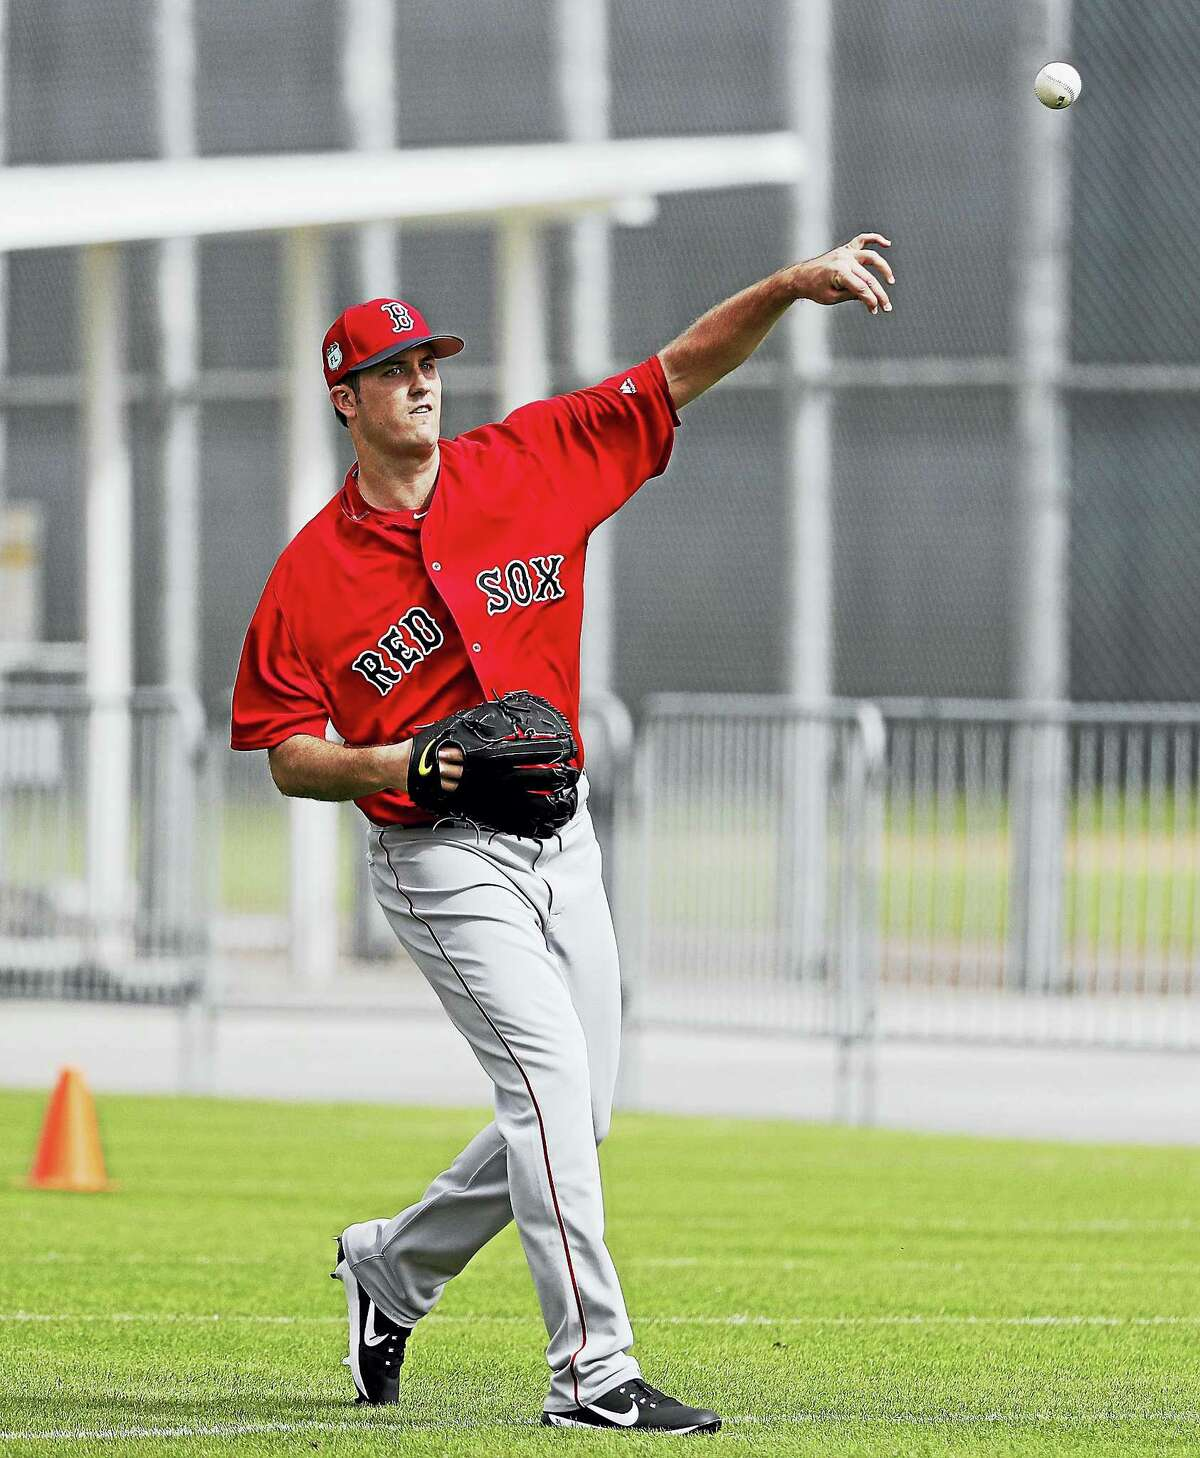 Red Sox pitcher Drew Pomeranz.